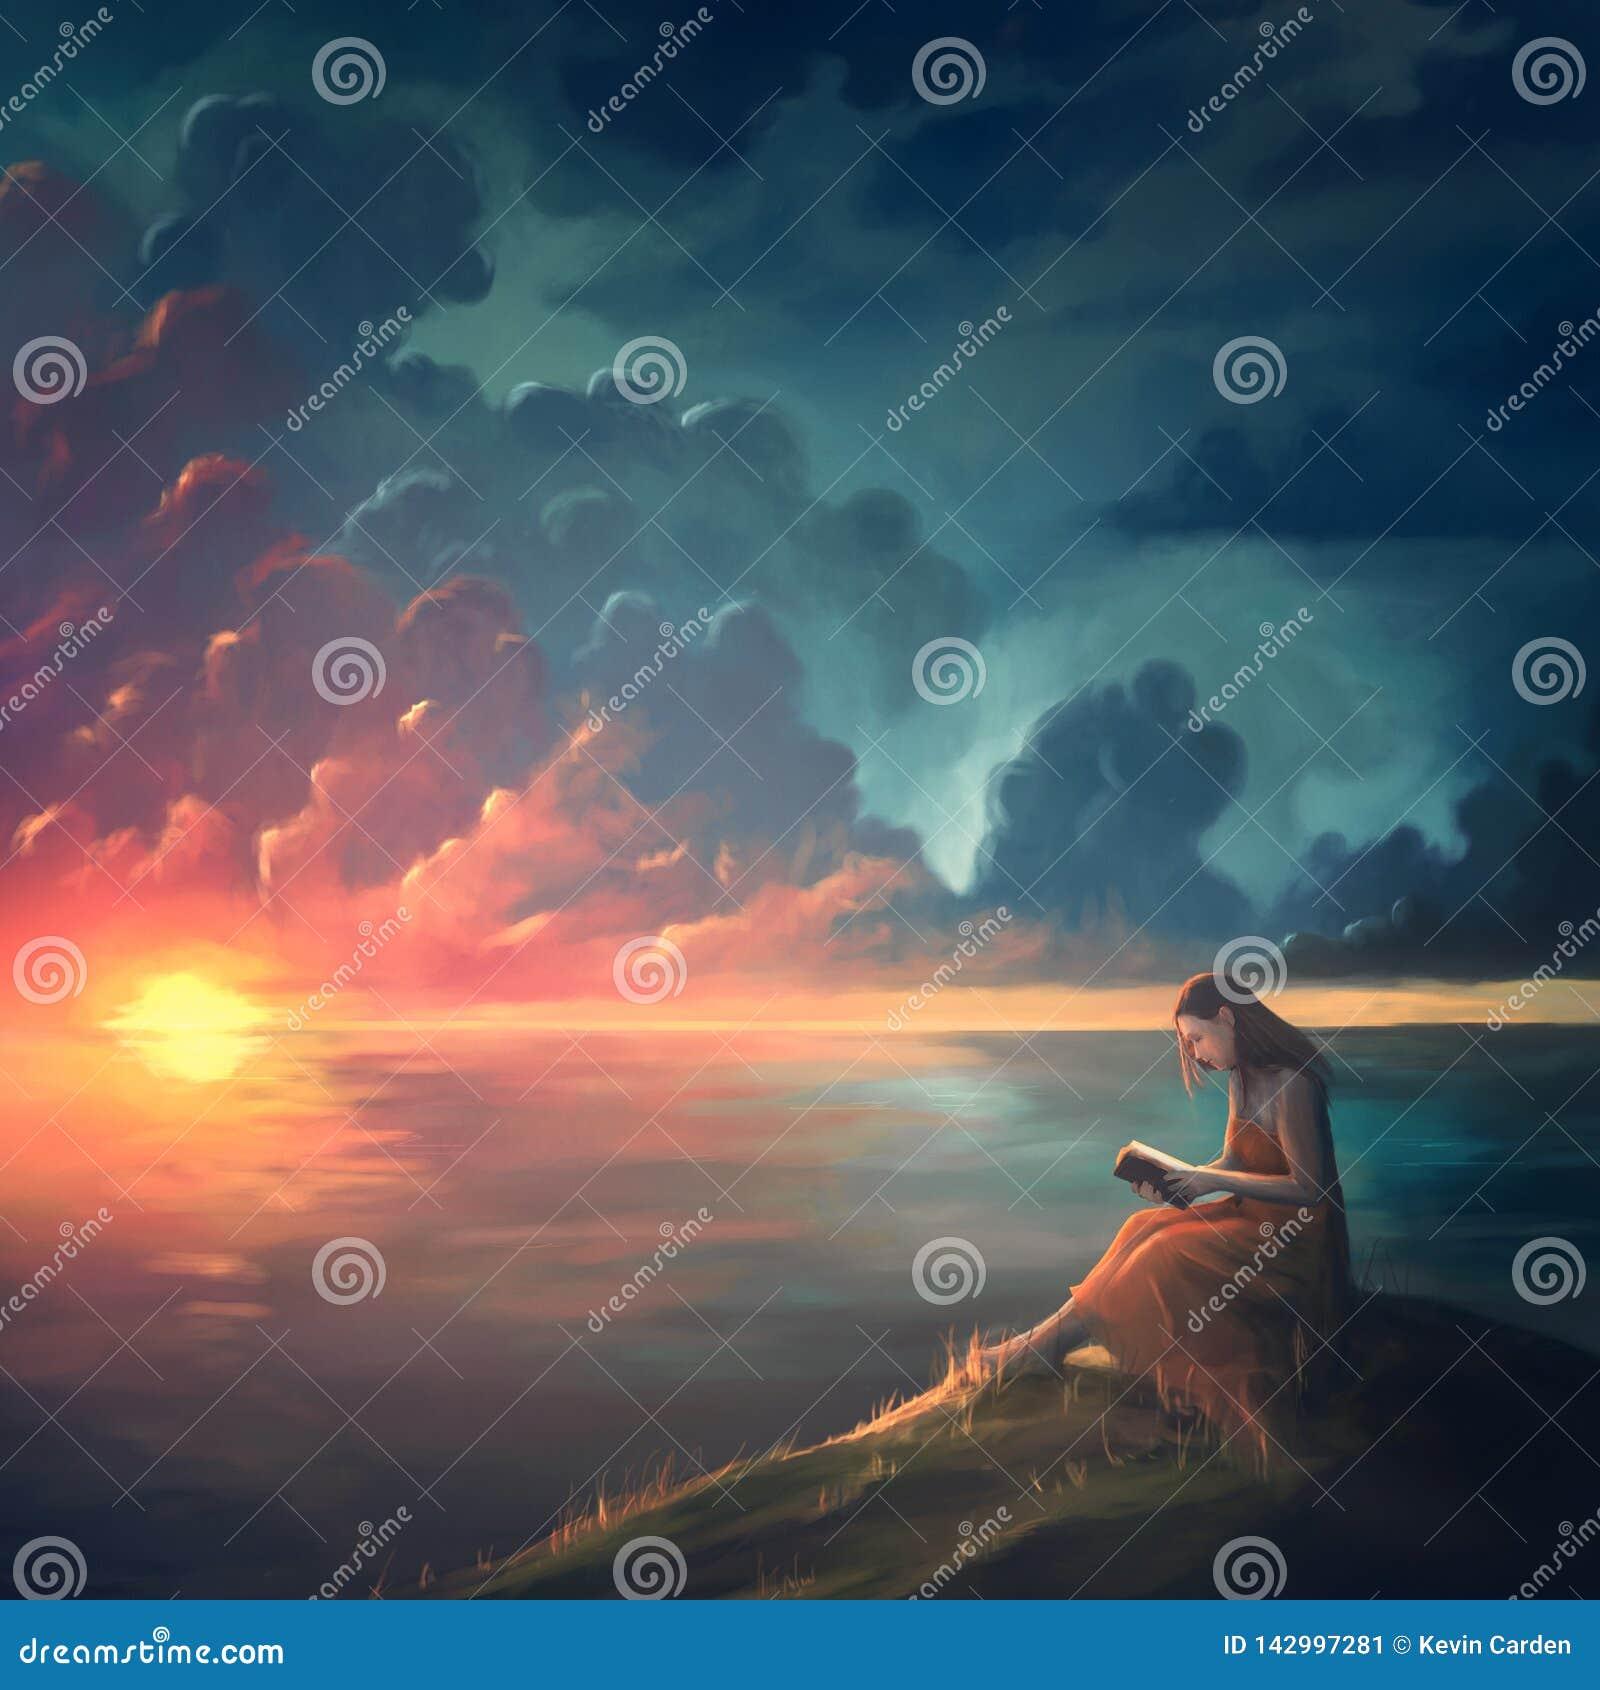 Ζωγραφική μιας γυναίκας στο ηλιοβασίλεμα